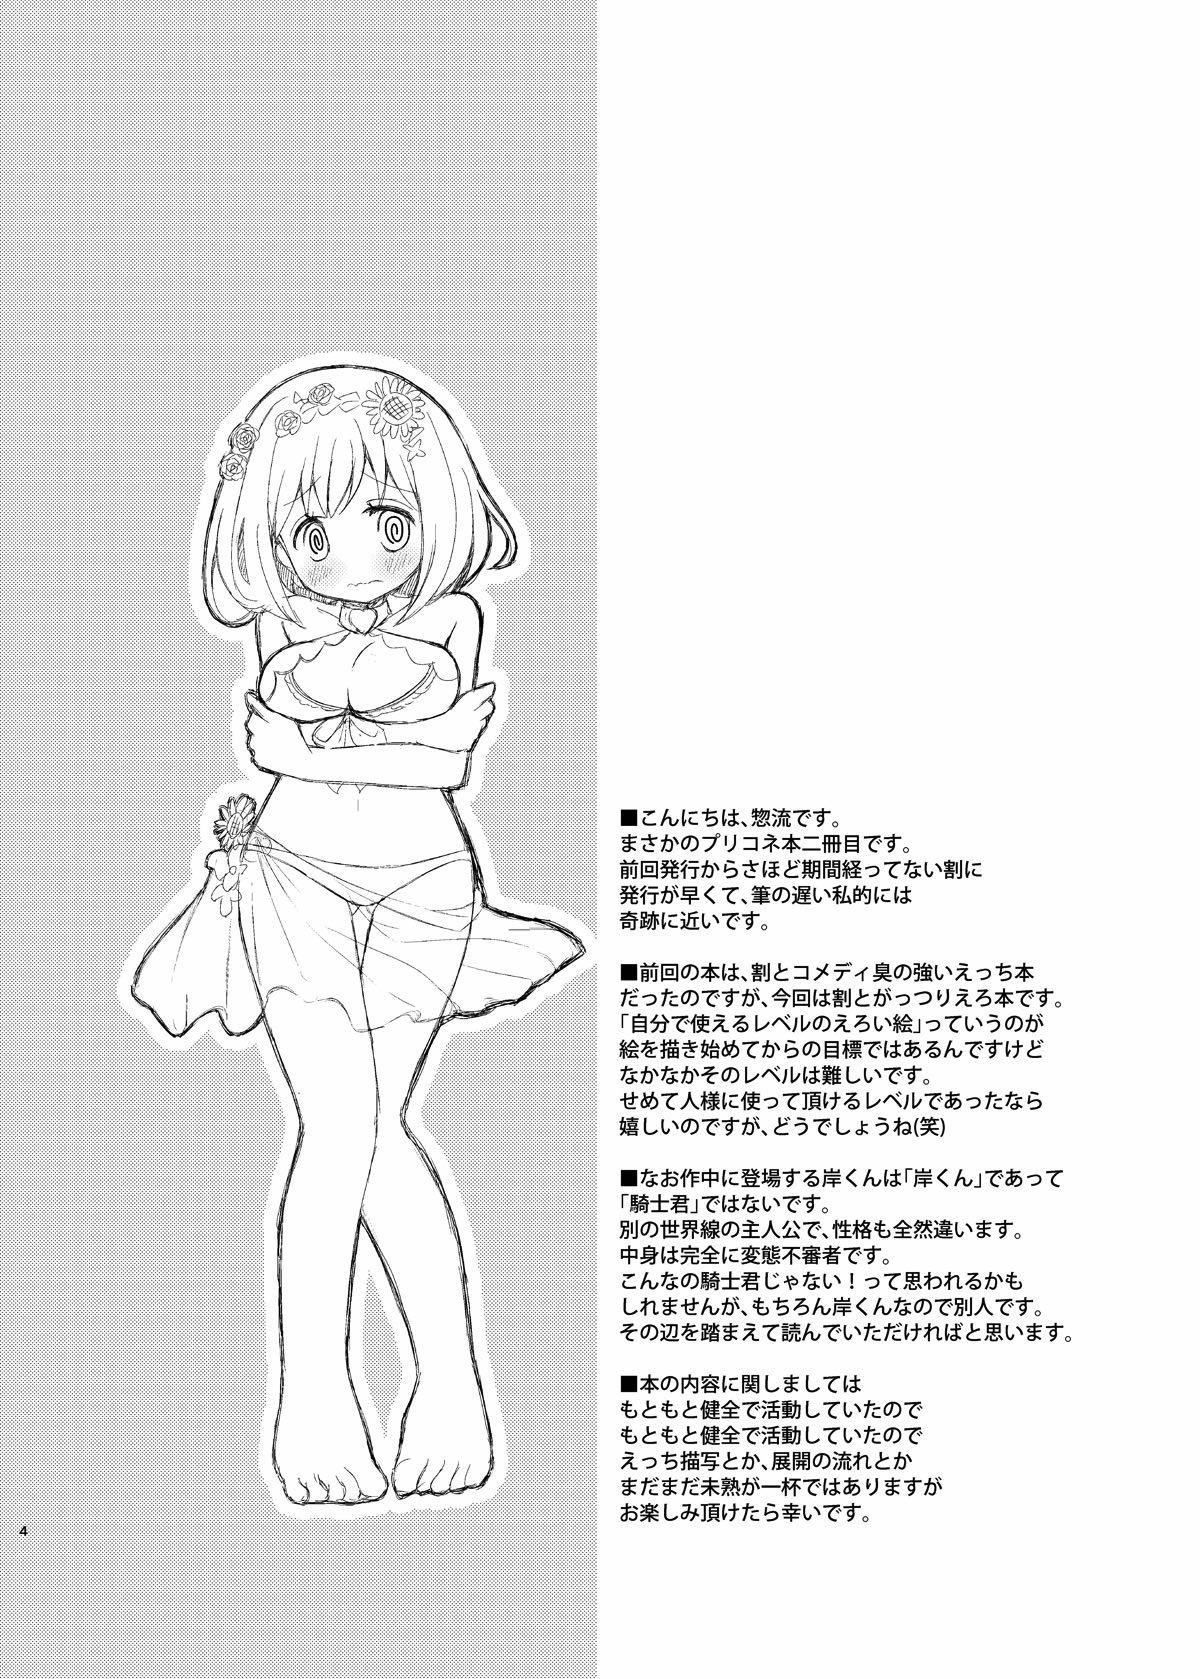 Waruiko me~♡ tte iwaretai 2